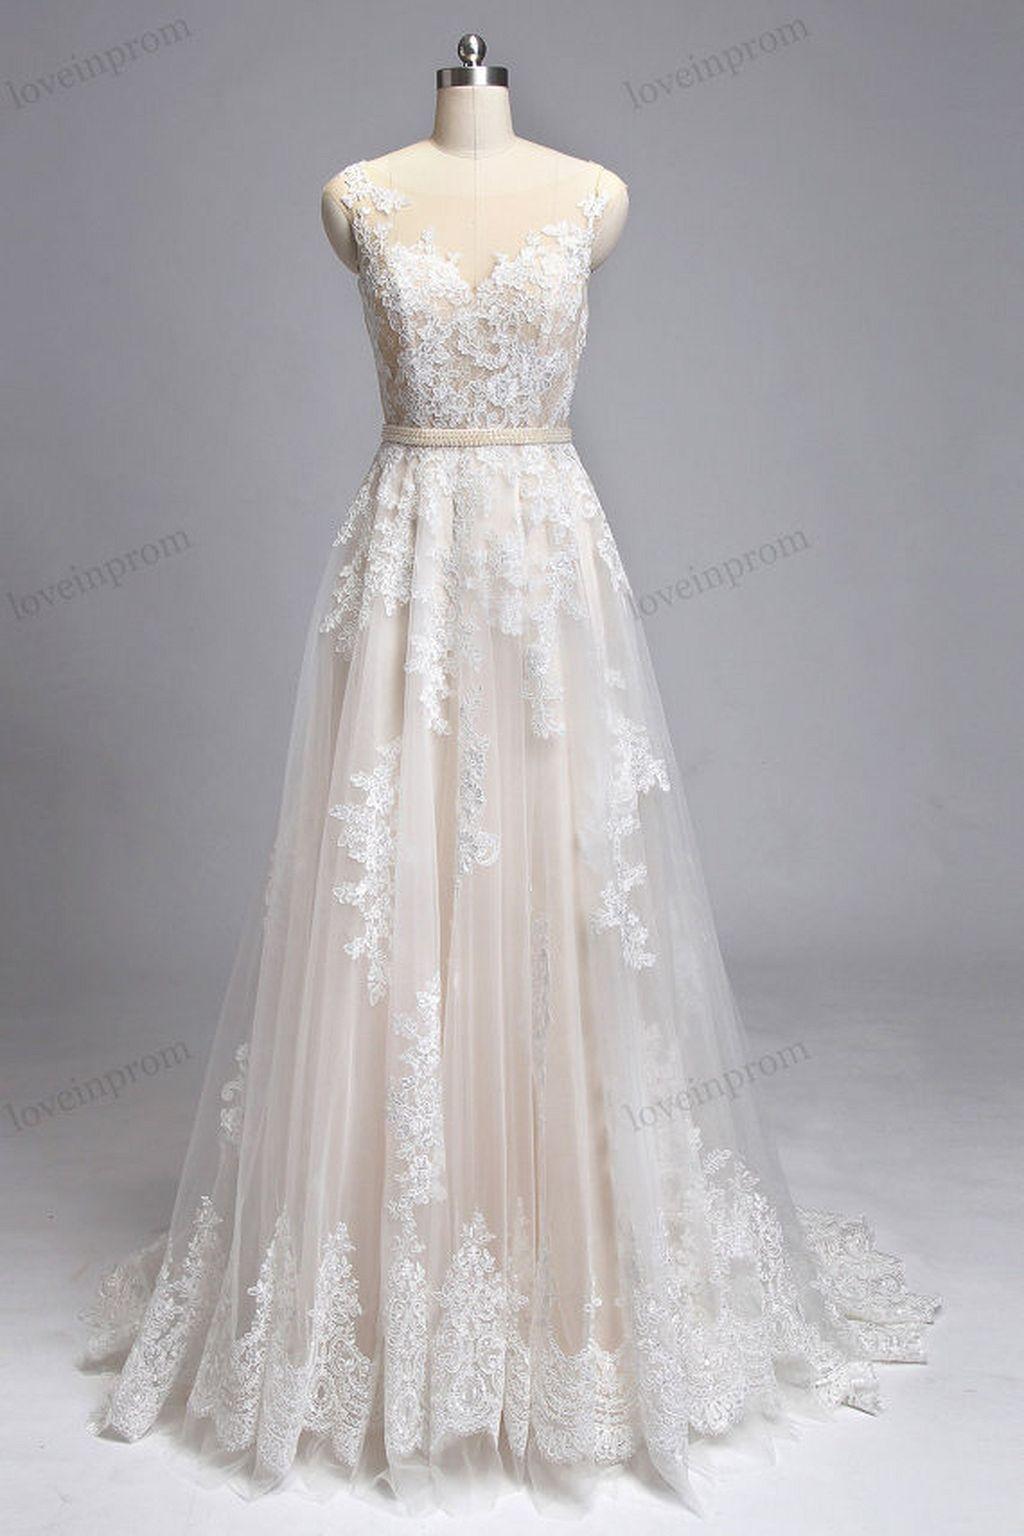 170 Vintage Wedding Dress Ideas | Pinterest | Hochzeitskleider ...